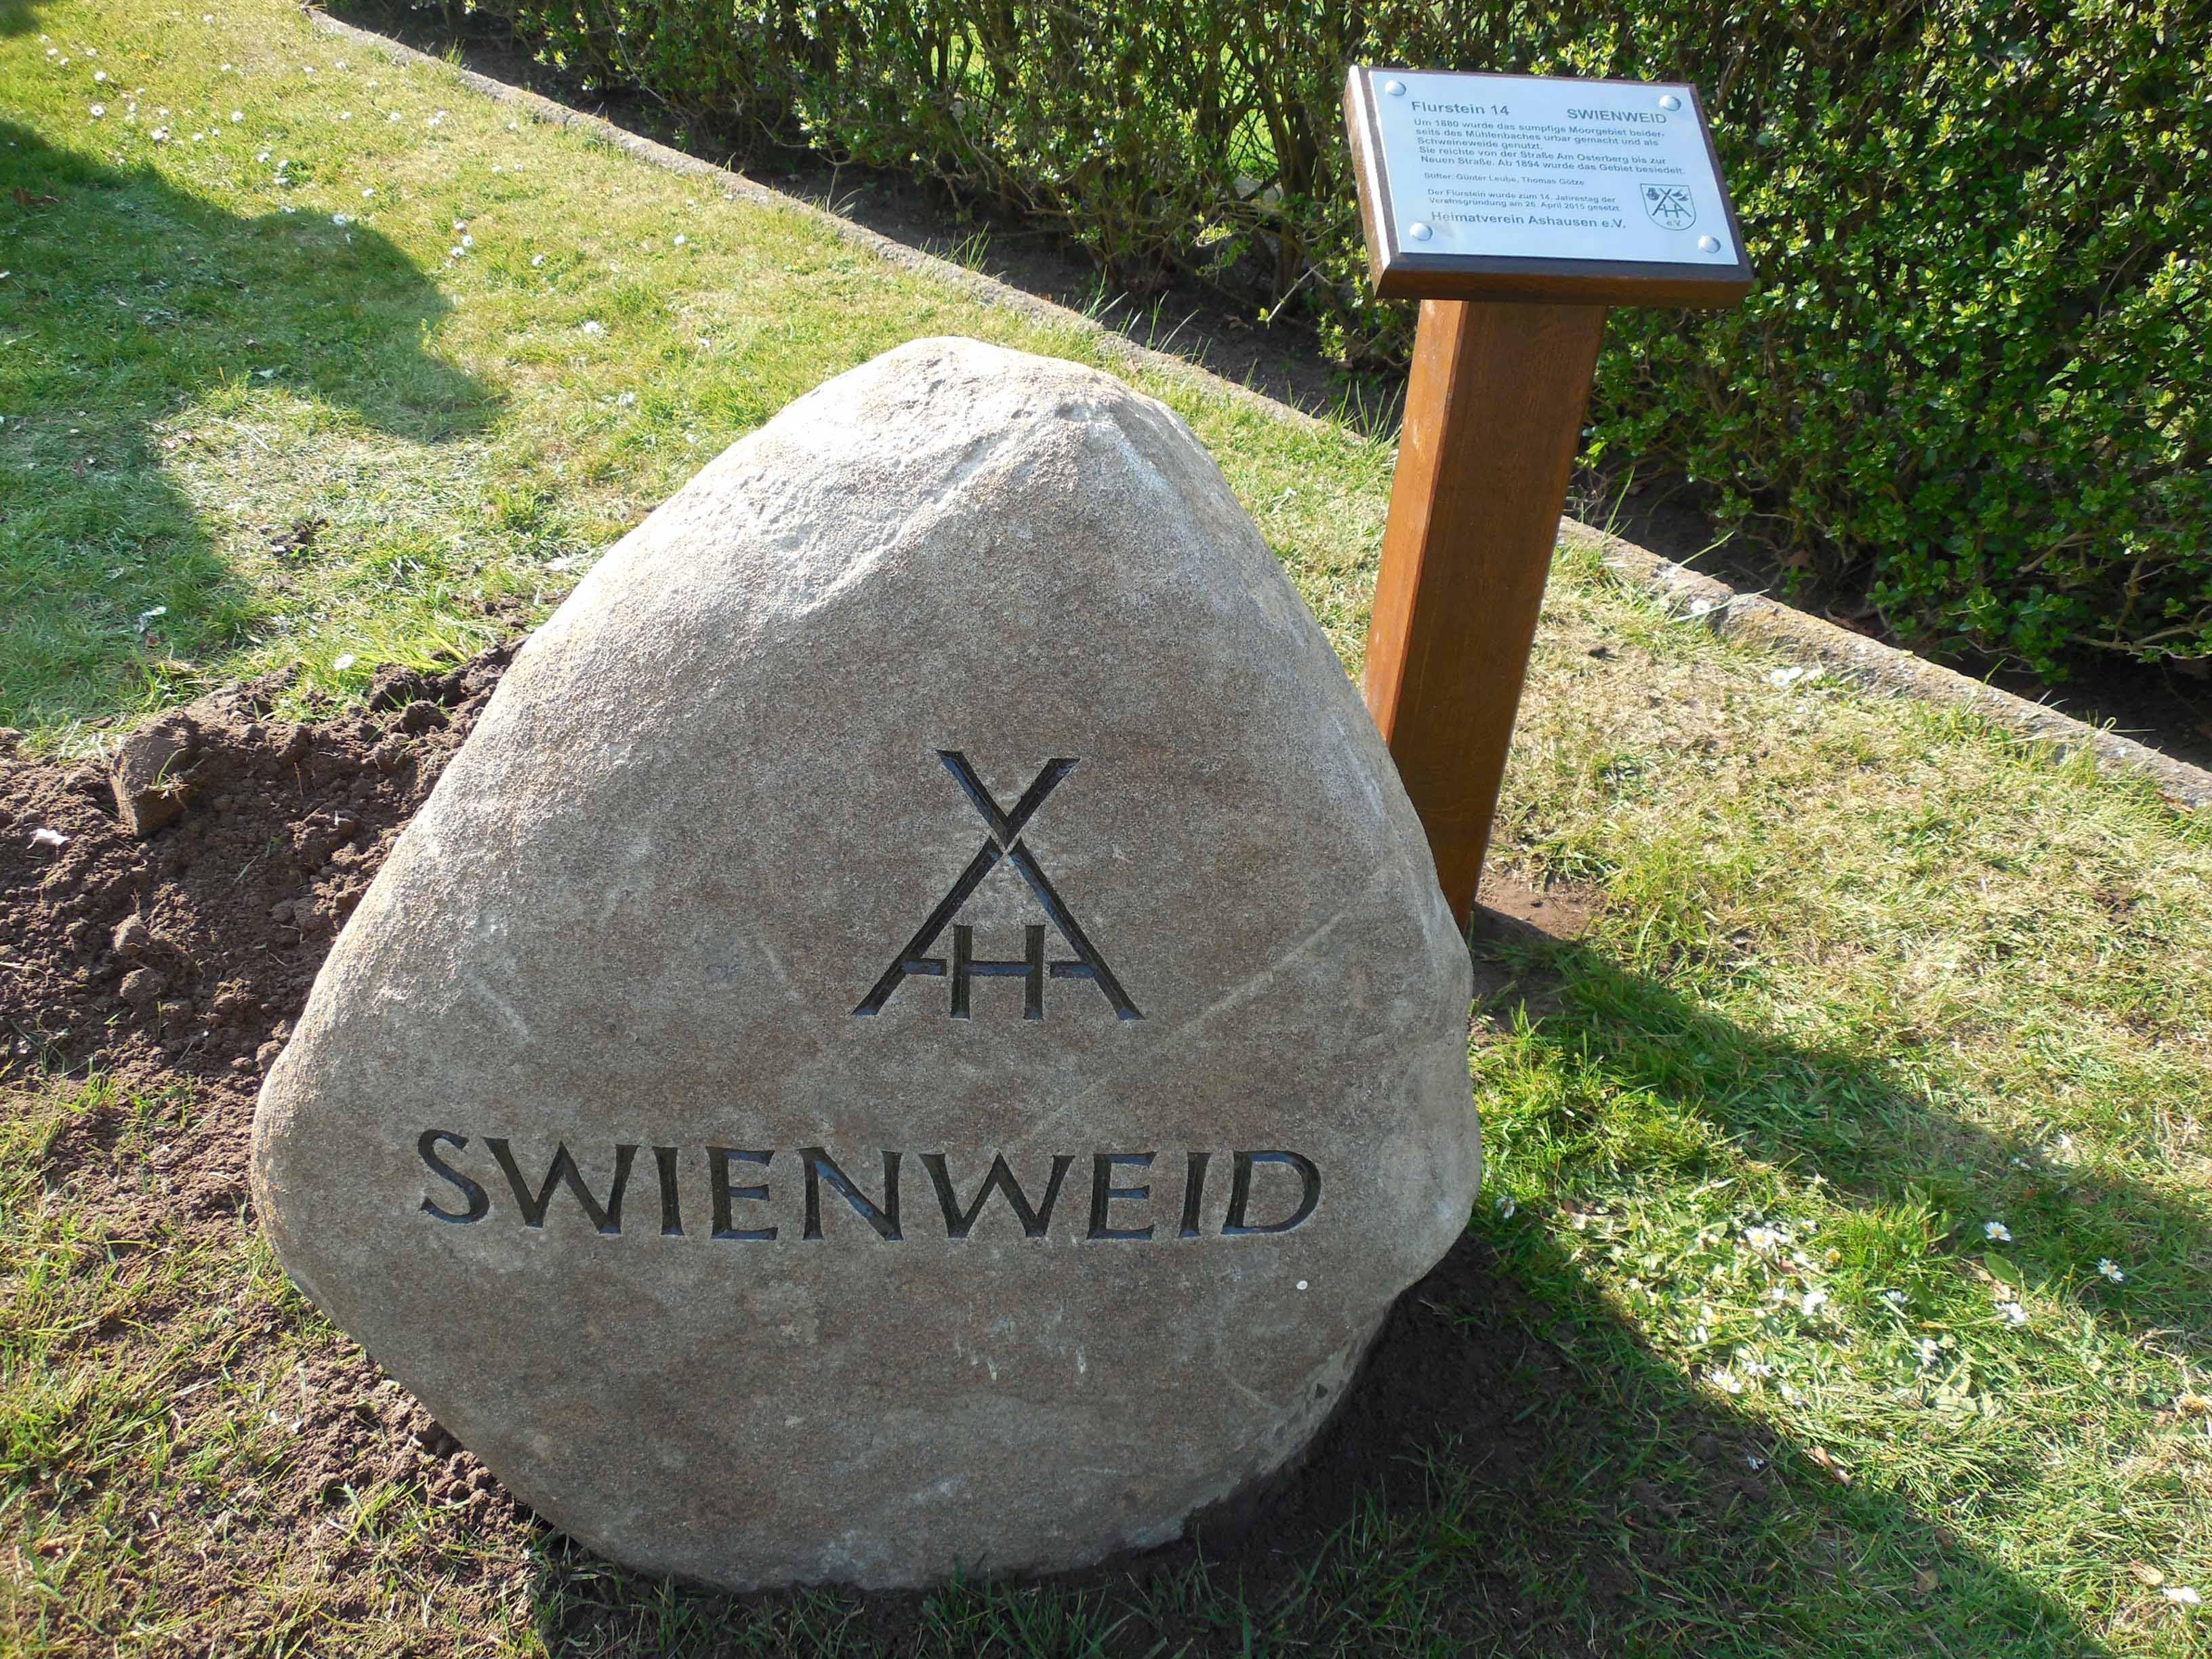 Stein Swienweid